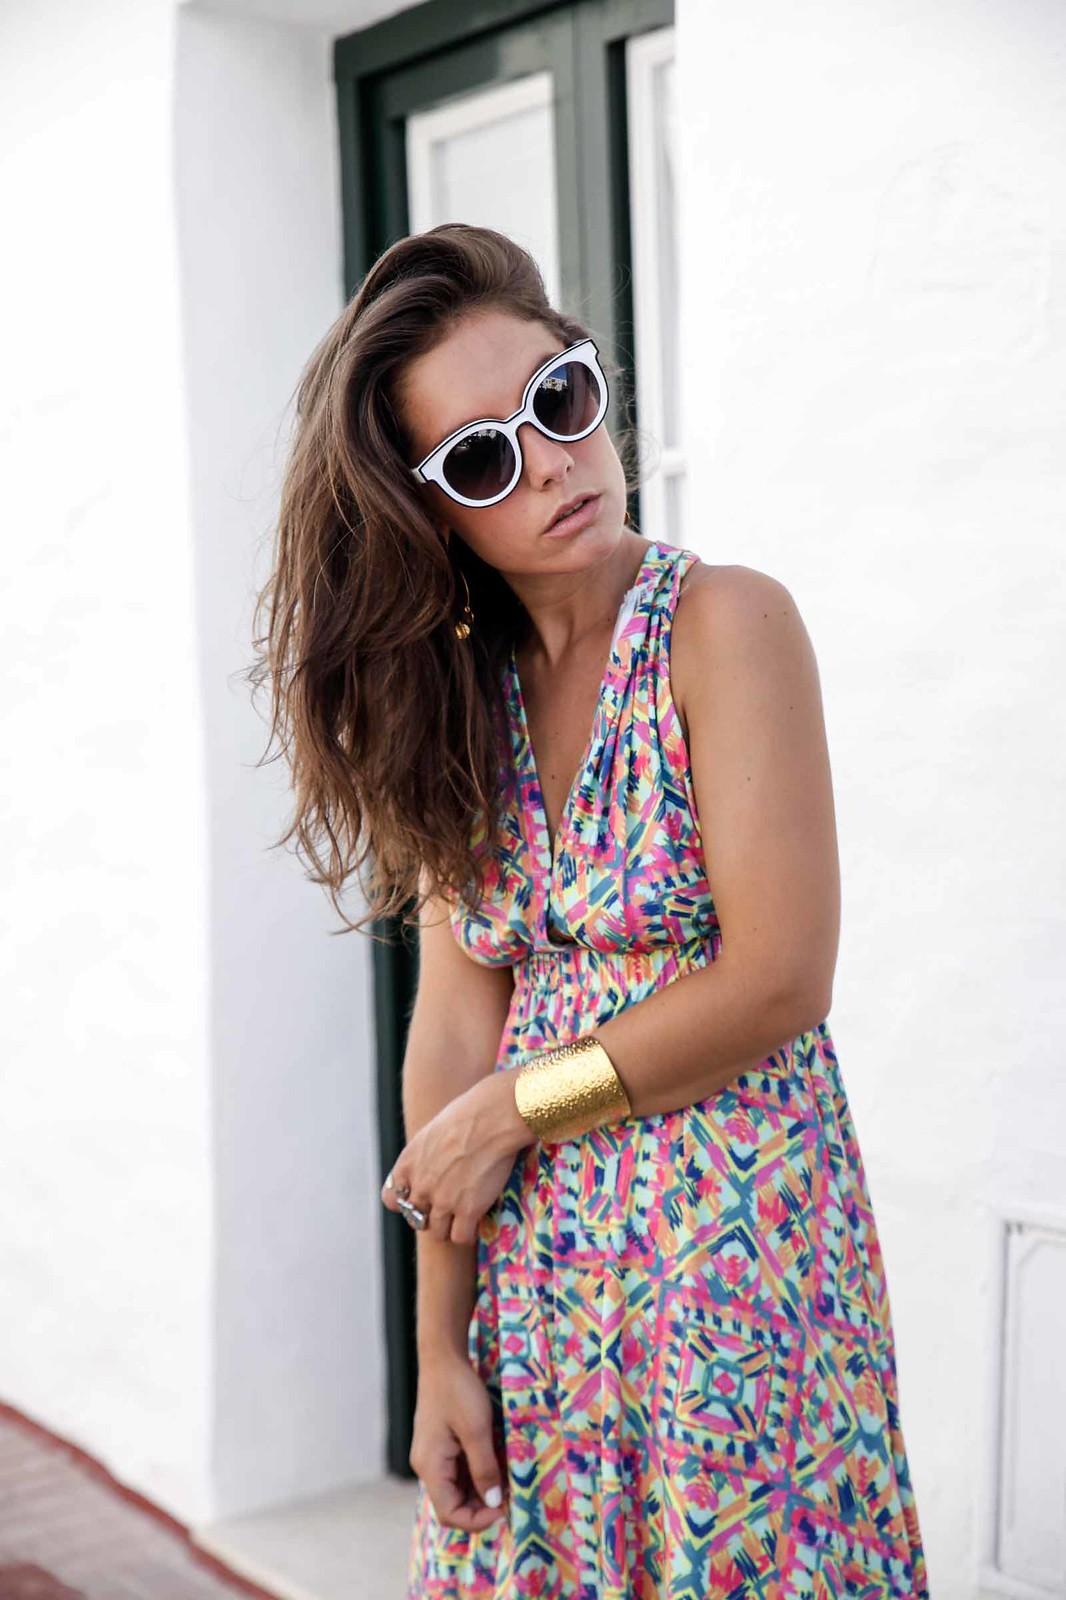 05_vestido_largo_colores_estilo_boho_rüga_chic_casual_street_style_outfit_theguestgirl_